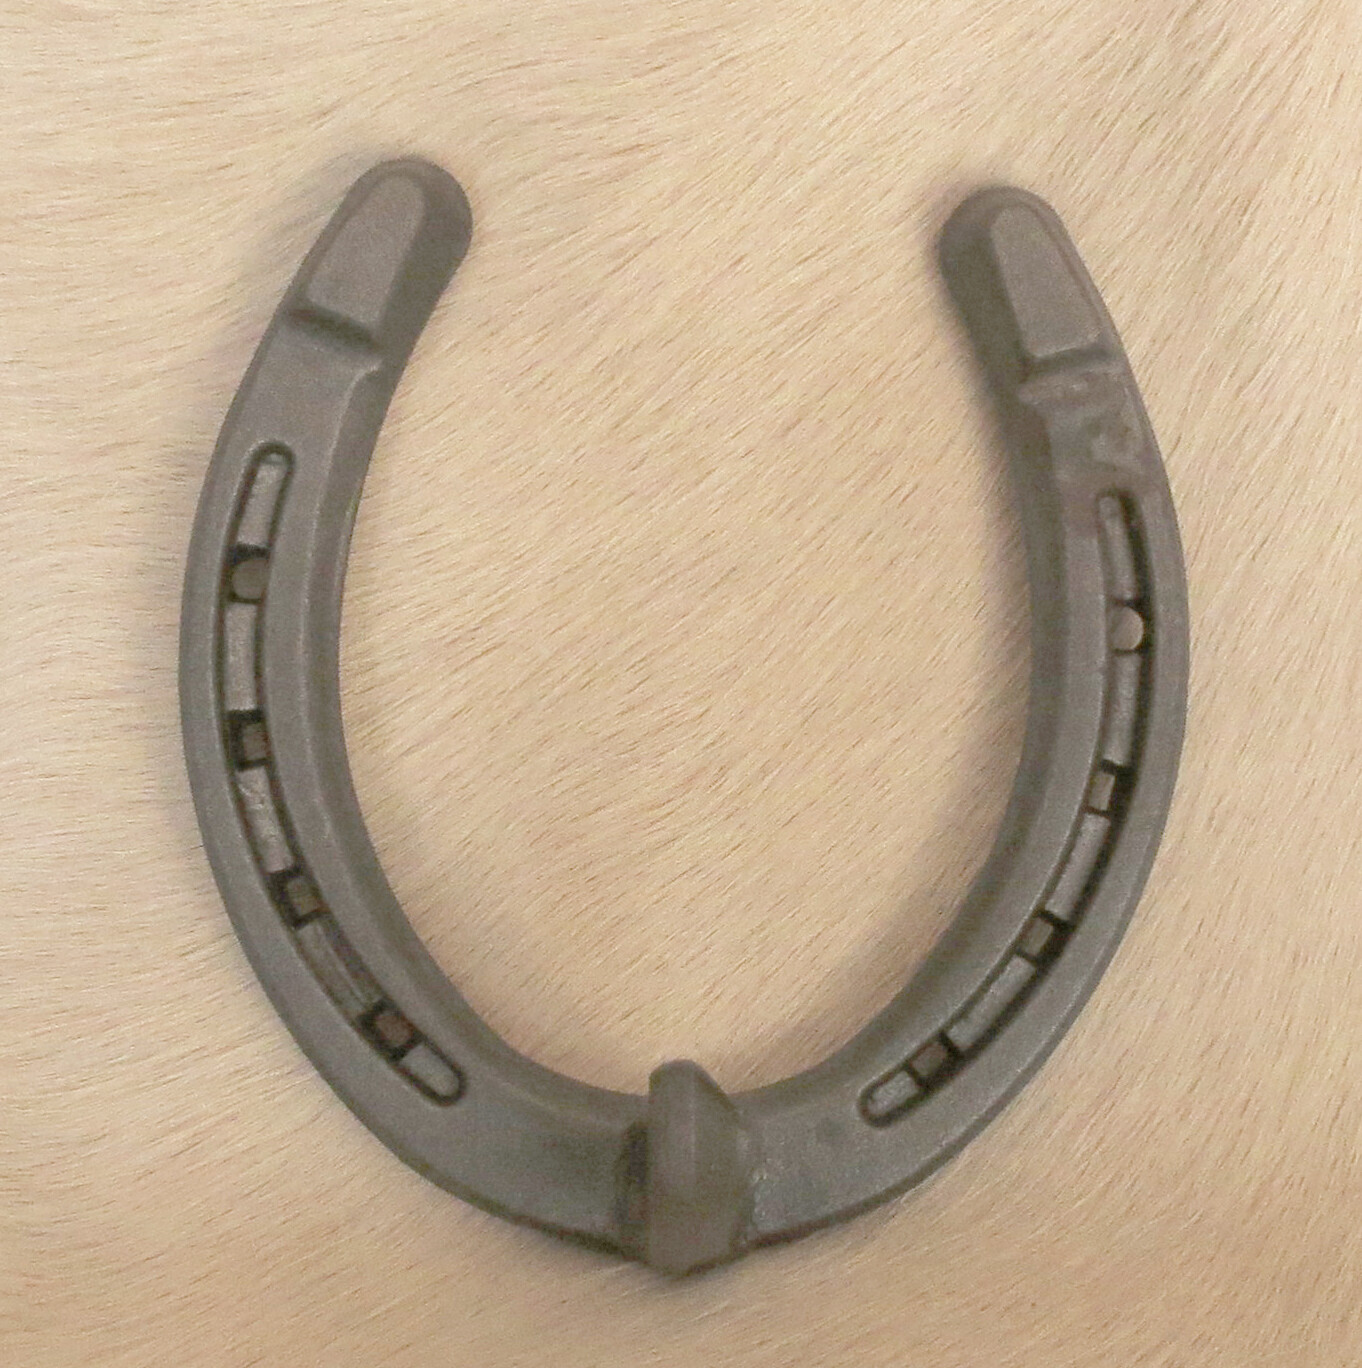 Horseshoe key hloder